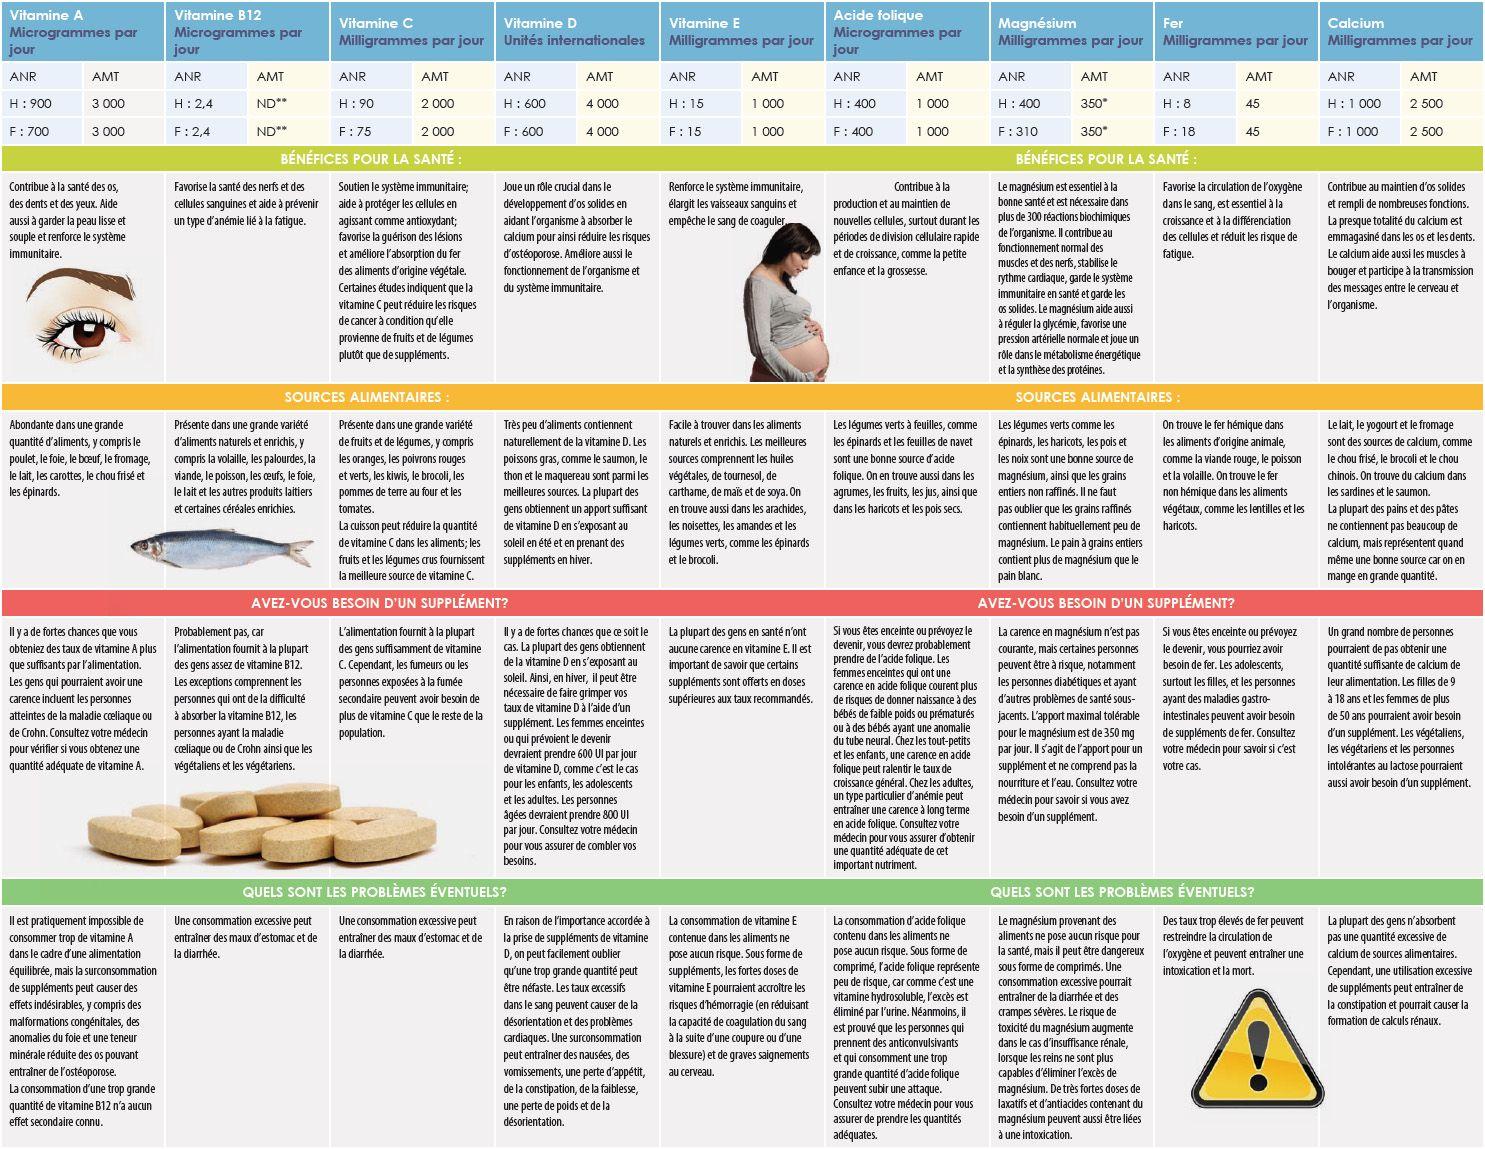 Les meilleurs nutriments pour maigrir durablement - gustavo-moncayo.fr